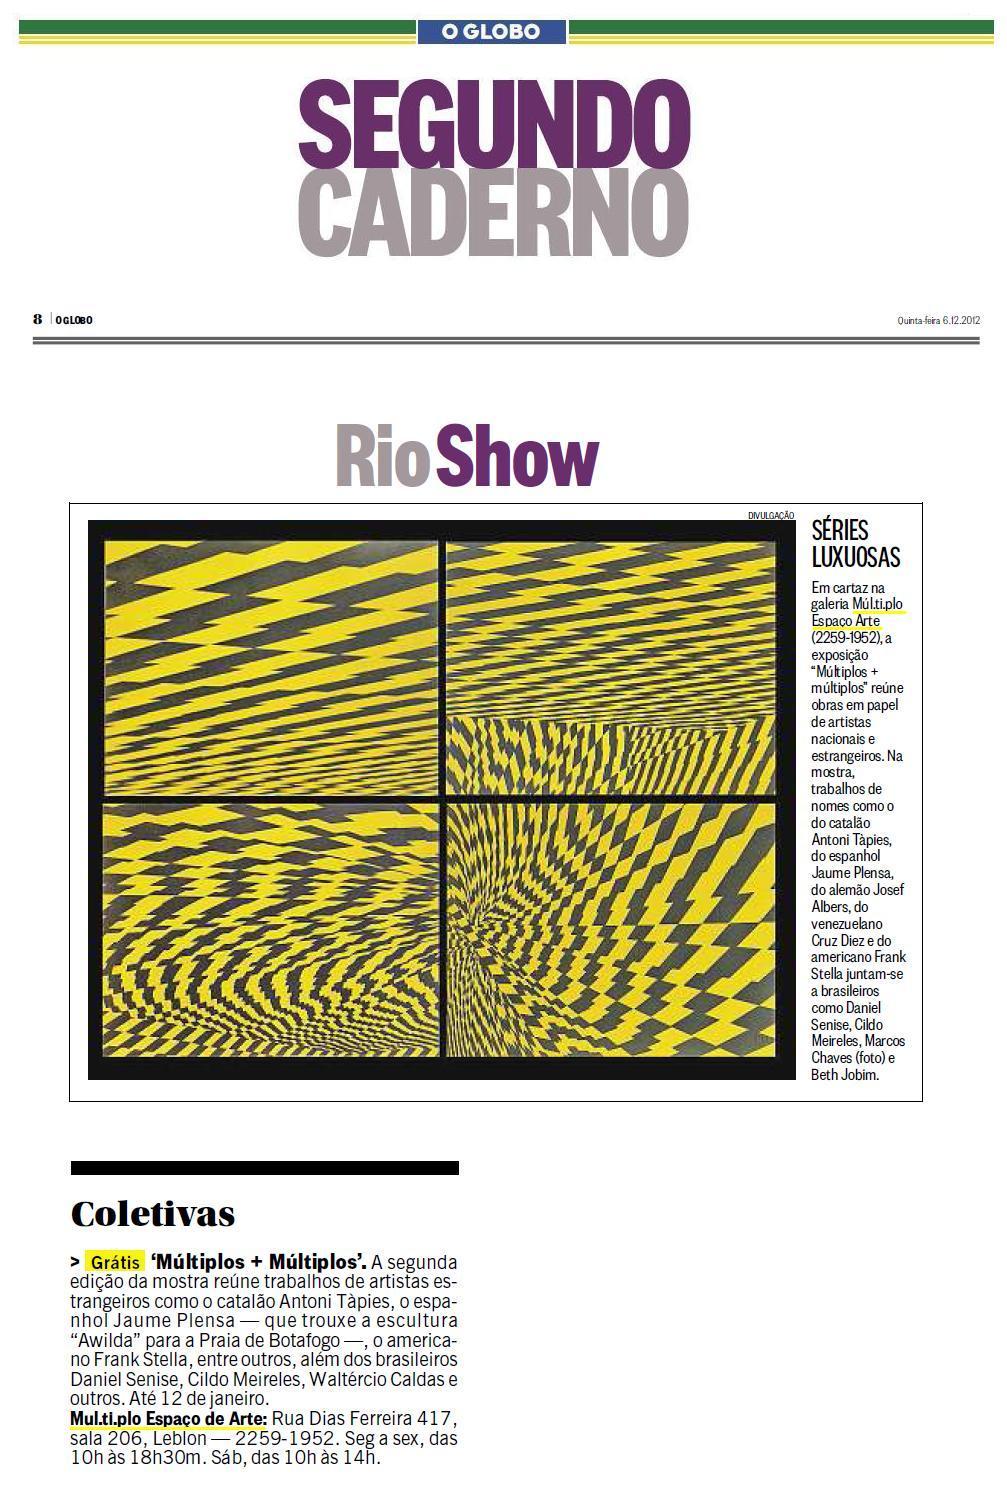 MÚL.TI.PLO_ESPAÇO_ARTE_NO_SEGUNDO_CADERNO_06.12.2012.JPG